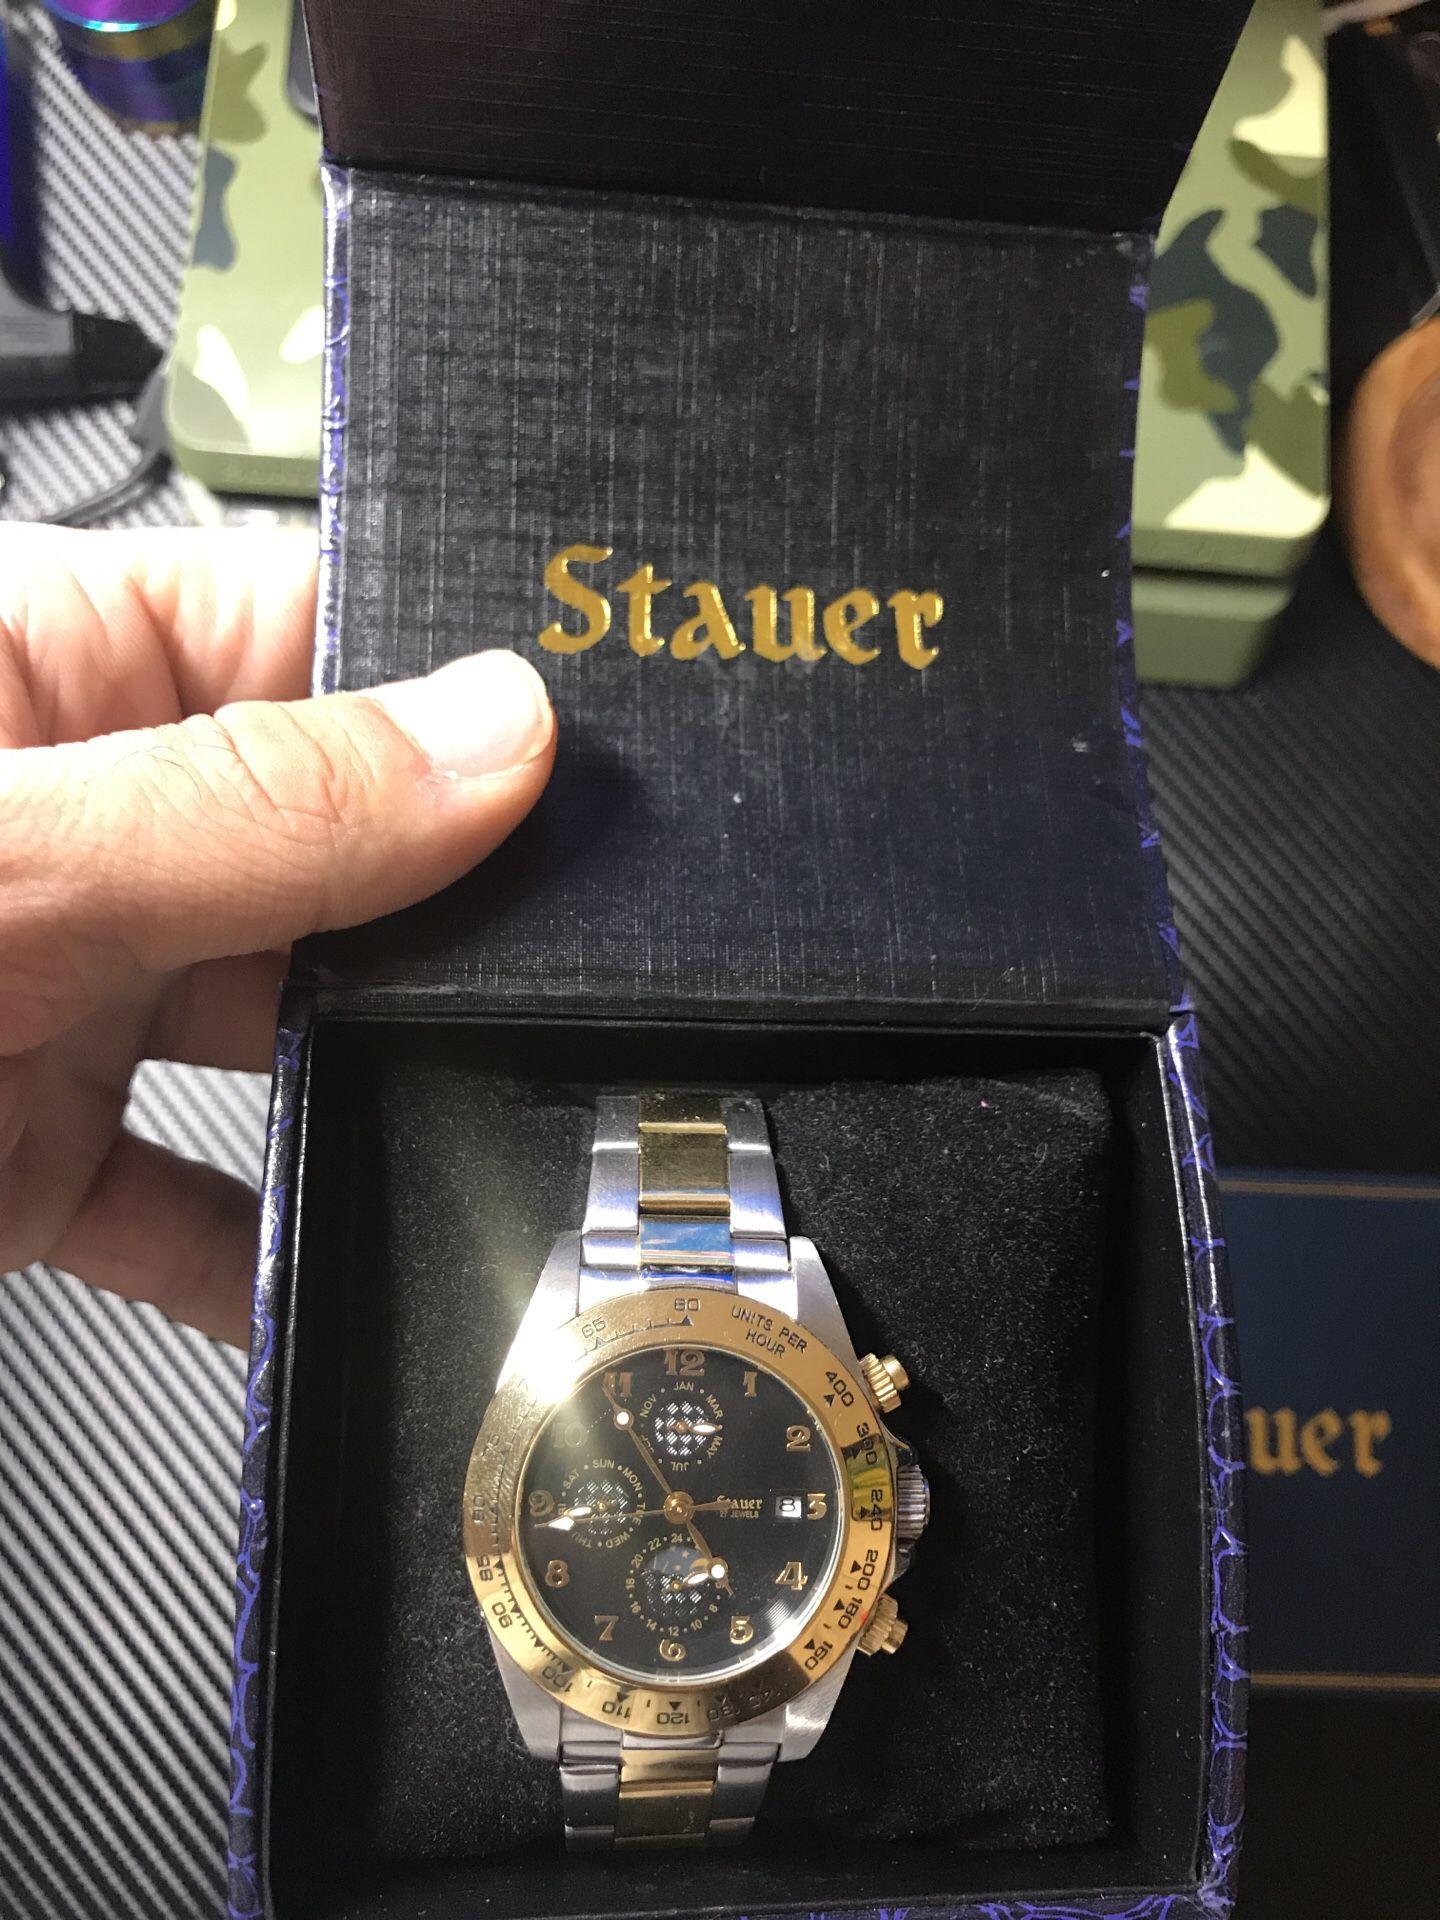 Stauer corso watch